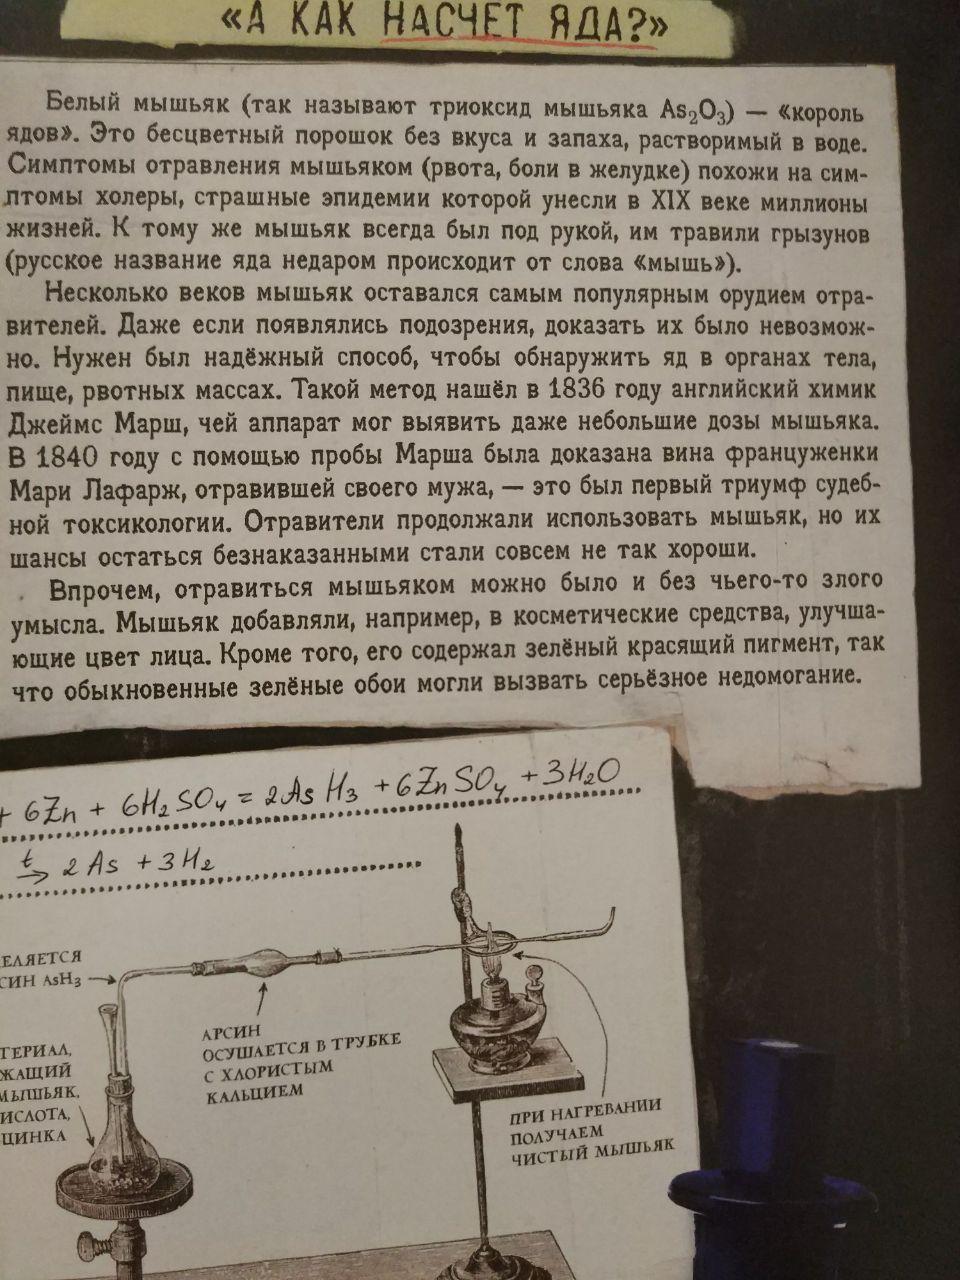 http://s3.uploads.ru/VrYLW.jpg